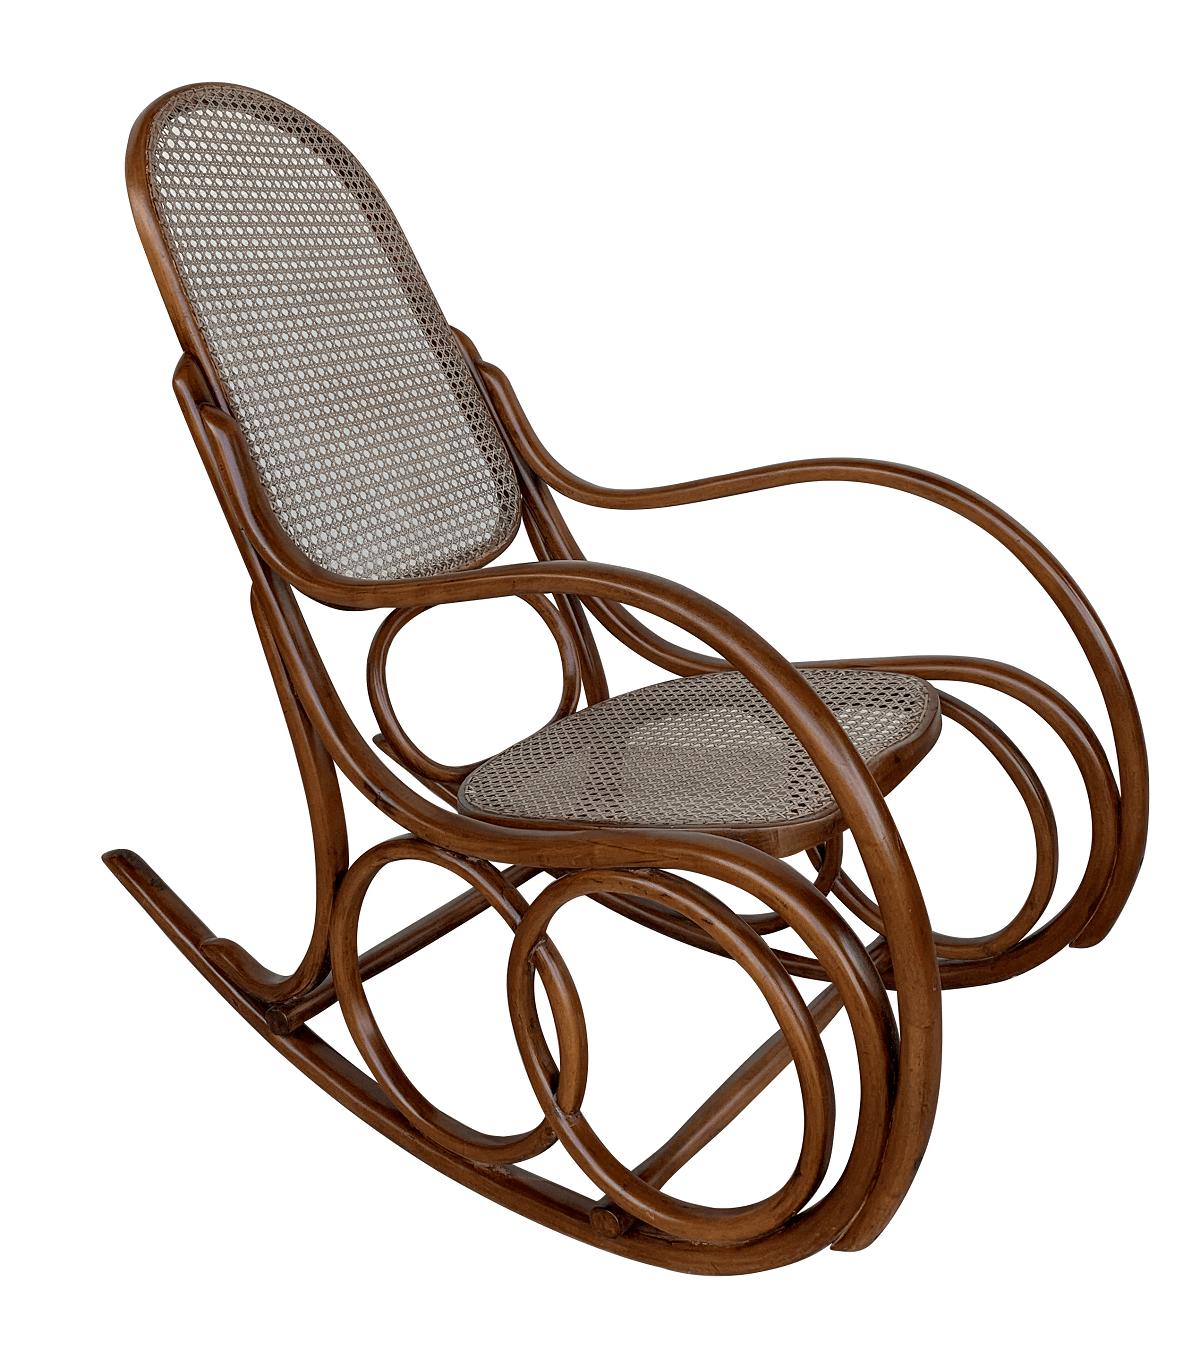 Antiga Cadeira De Balanço Austriaca Thonet